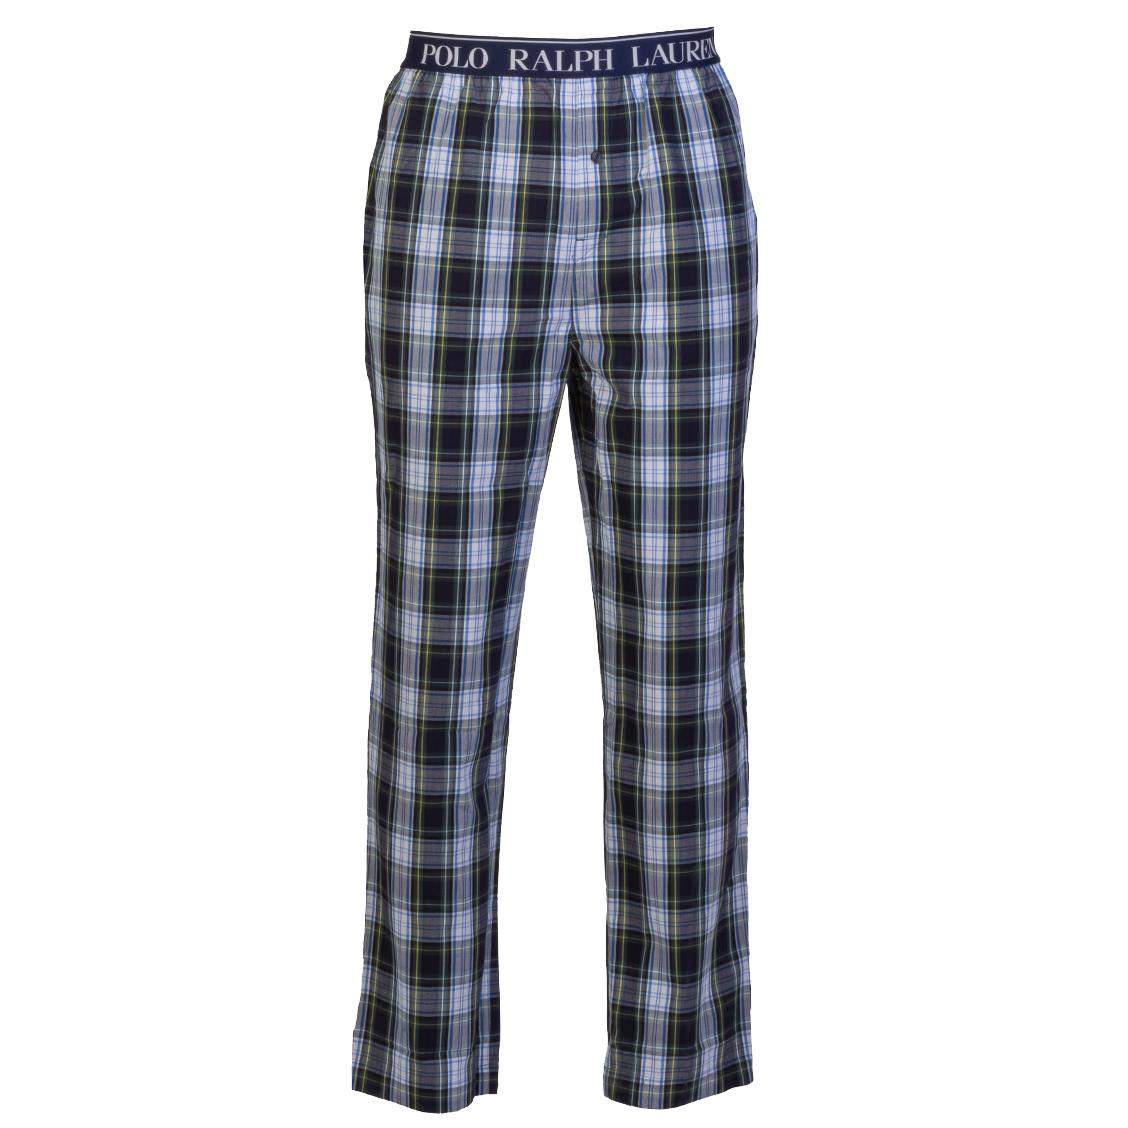 Pantalon de pyjama  en coton à carreaux bleu marine, gris, bleus, blancs et verts